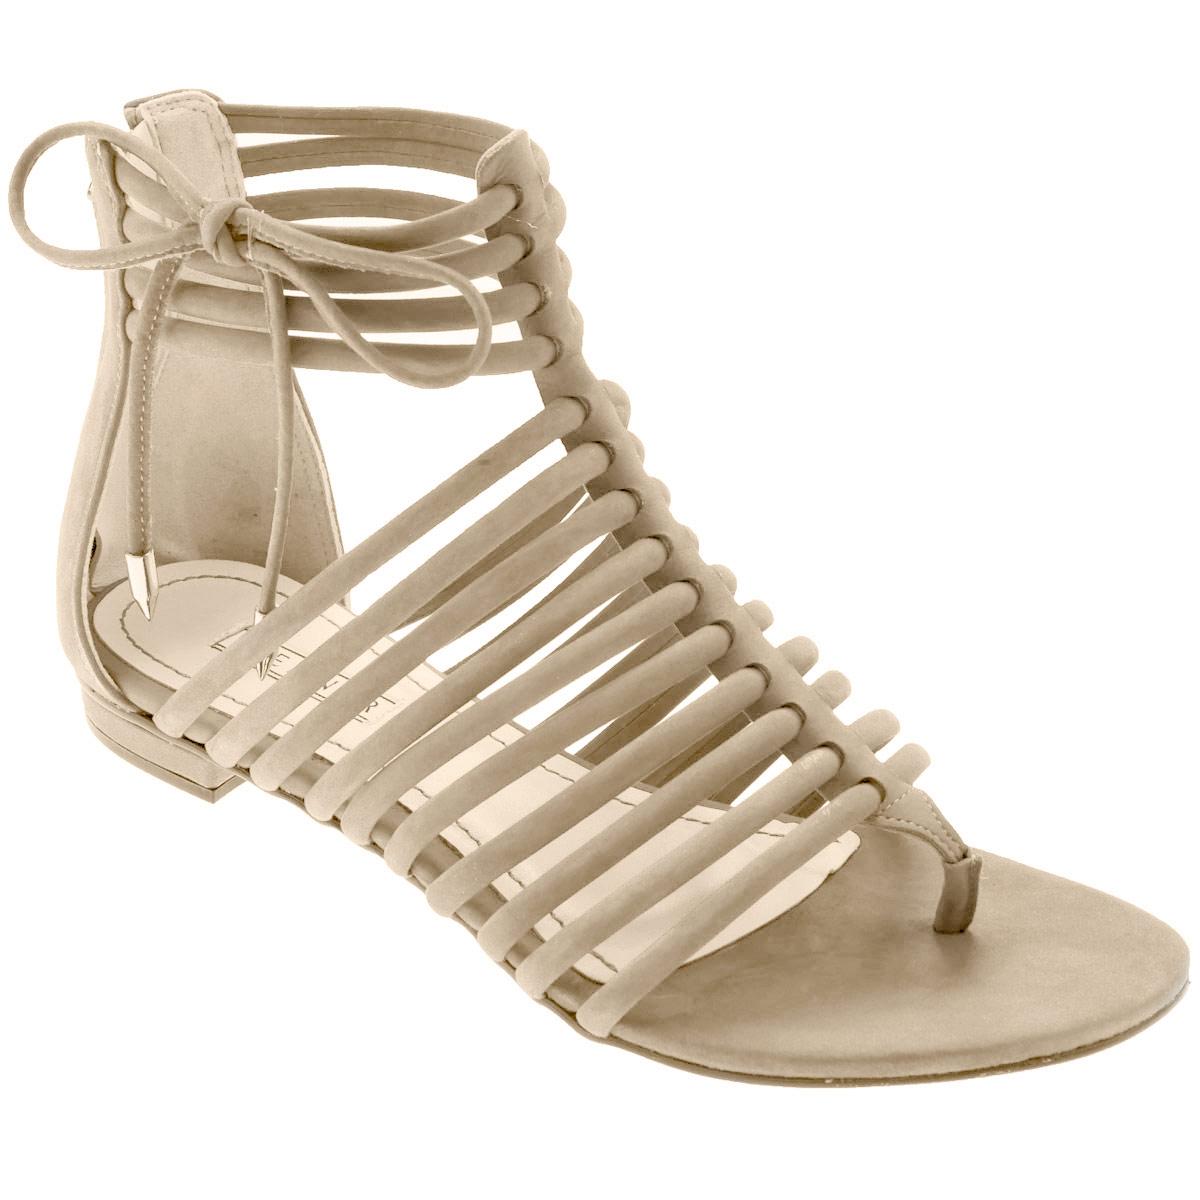 Сандалии женские Werner, цвет: бежевый. 0-53034. Размер 34 (35)0-53034Стильные сандалии от Werner займут достойное место среди вашей коллекции летней обуви. Модель выполнена из натурального нубука. Стелька из натуральной кожи обеспечивает комфорт при ходьбе.Эргономичная перемычка между пальцами и тонкие ремешки на подъеме и вокруг щиколотки отвечают за надежную фиксацию модели на ноге. Закрытая пятка дополнена удобной застежкой-молнией. Декорировано изделие бантиком из нубука с металлическими наконечниками Подошва выполнена из прочного полимера с противоскользящим рифлением.Модные сандалии прекрасно дополнят любой из ваших образов.